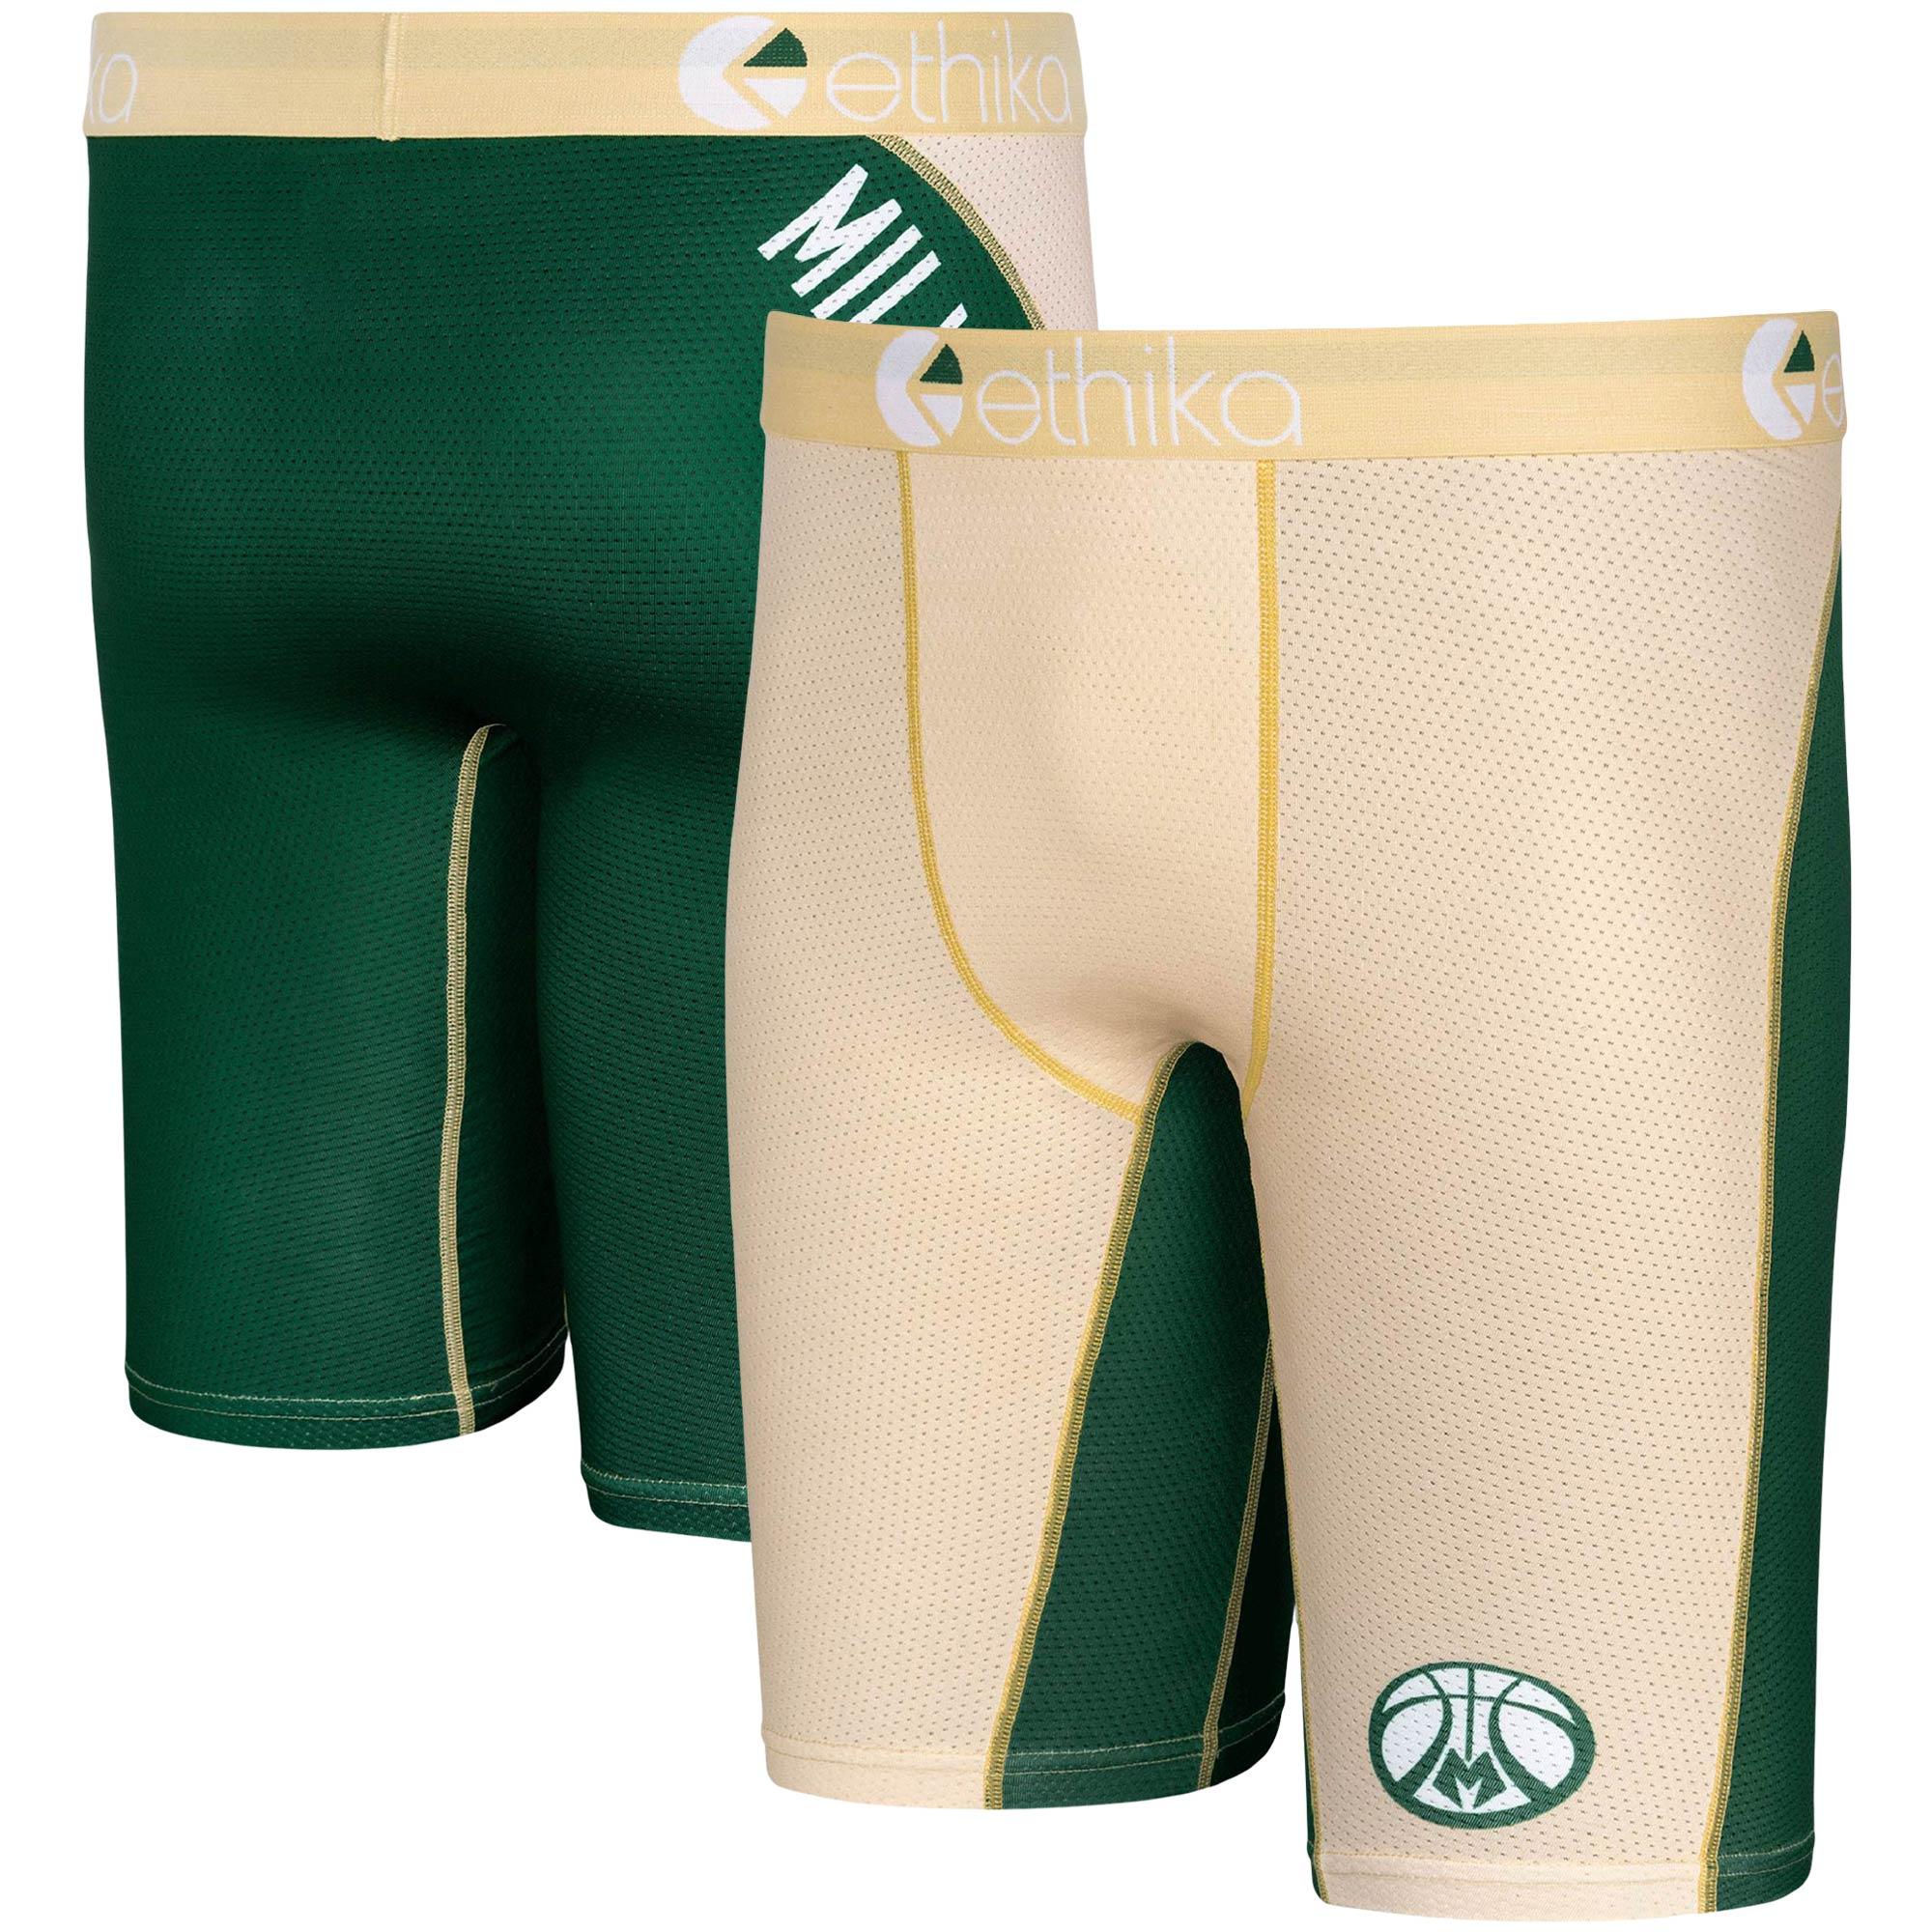 Milwaukee Bucks Ethika for Fanatics Micromesh Boxer Briefs - Cream